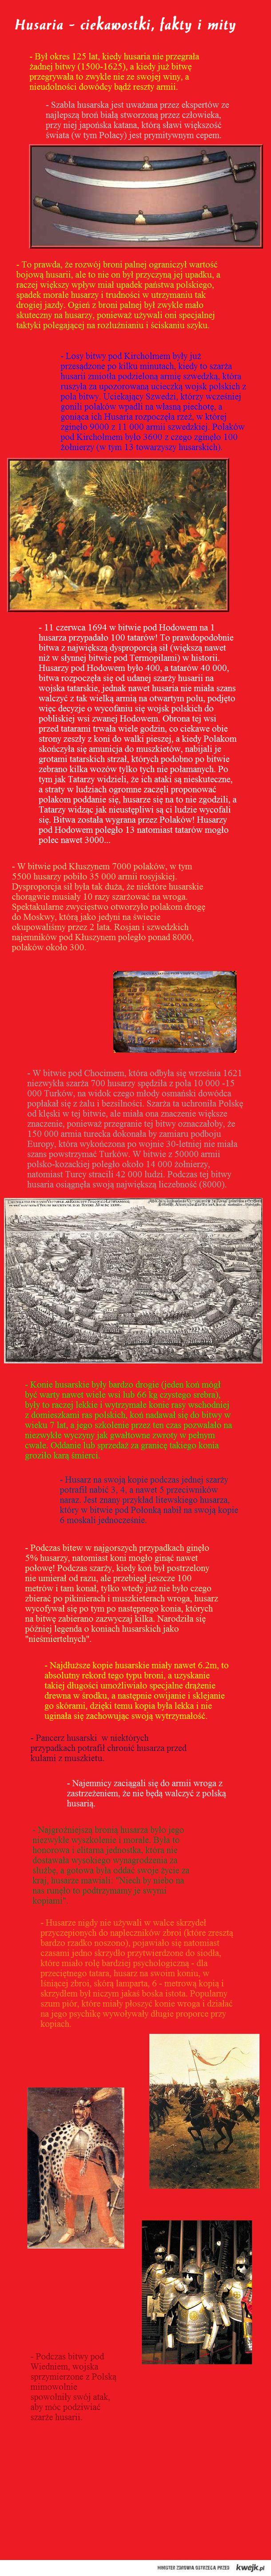 Husaria - moim zdaniem najbardziej niesamowita jednostka w dziejach historii